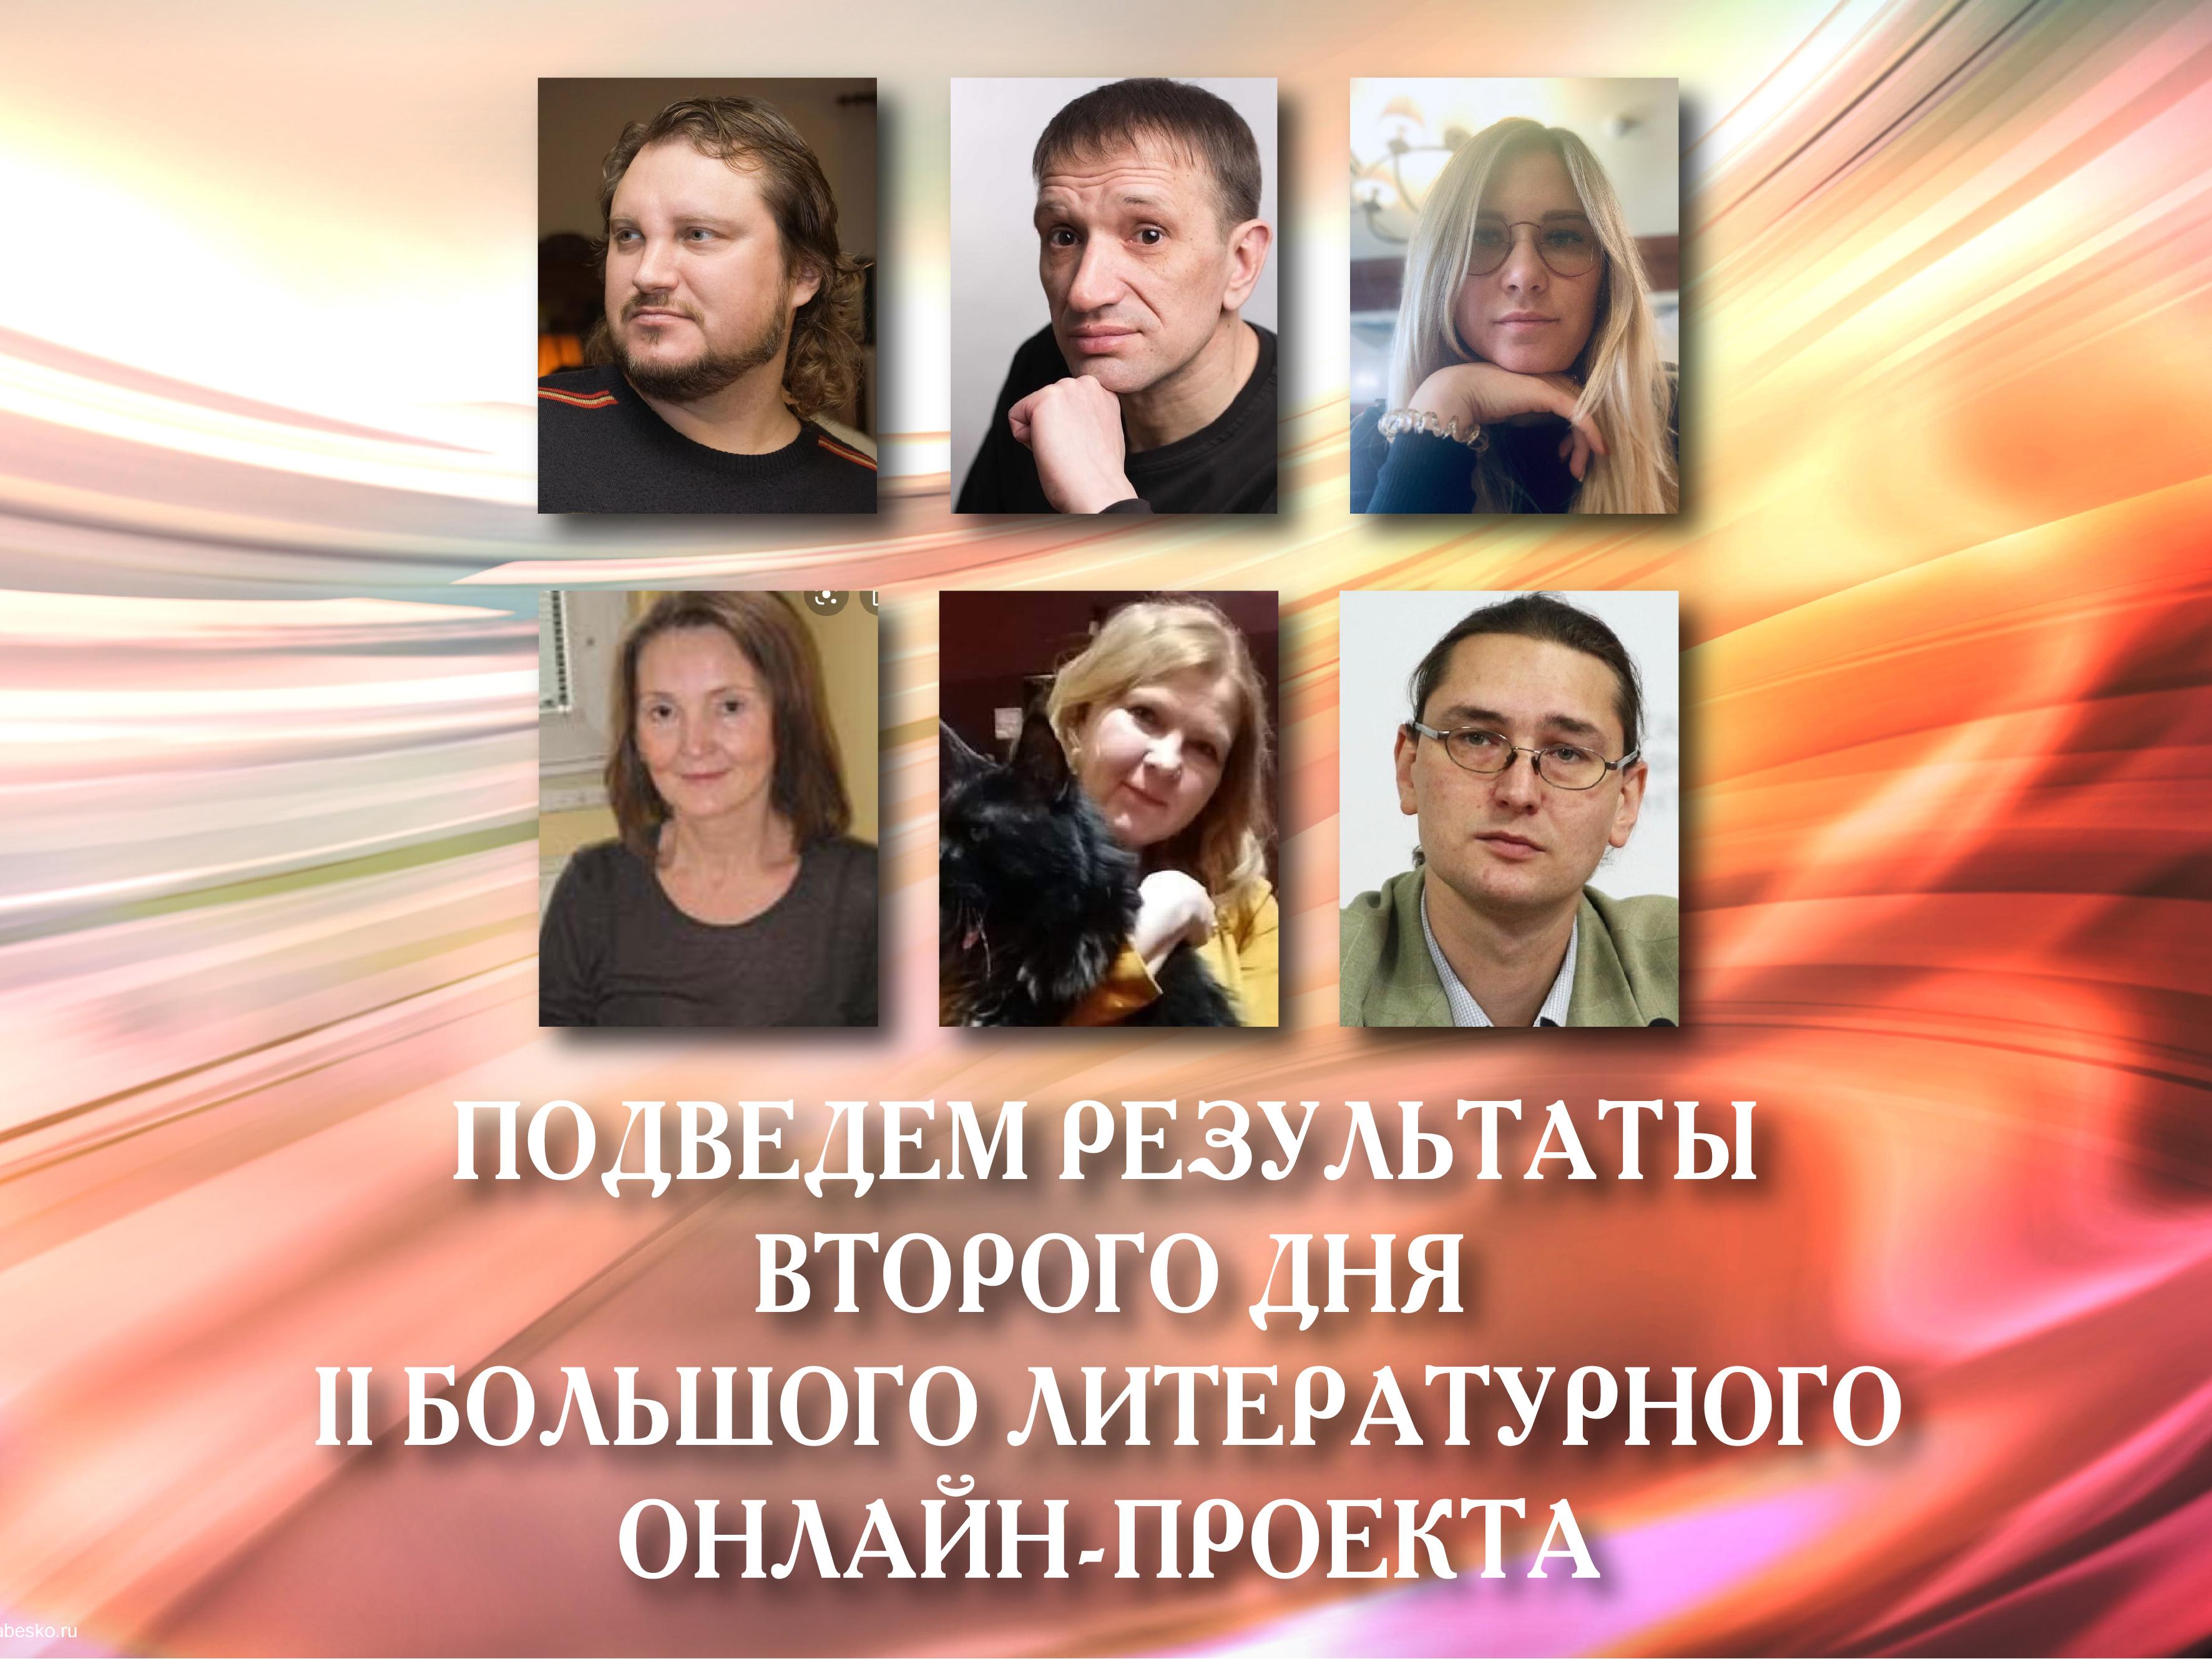 Итоги 2-го дня Большого литературного онлайн-проекта